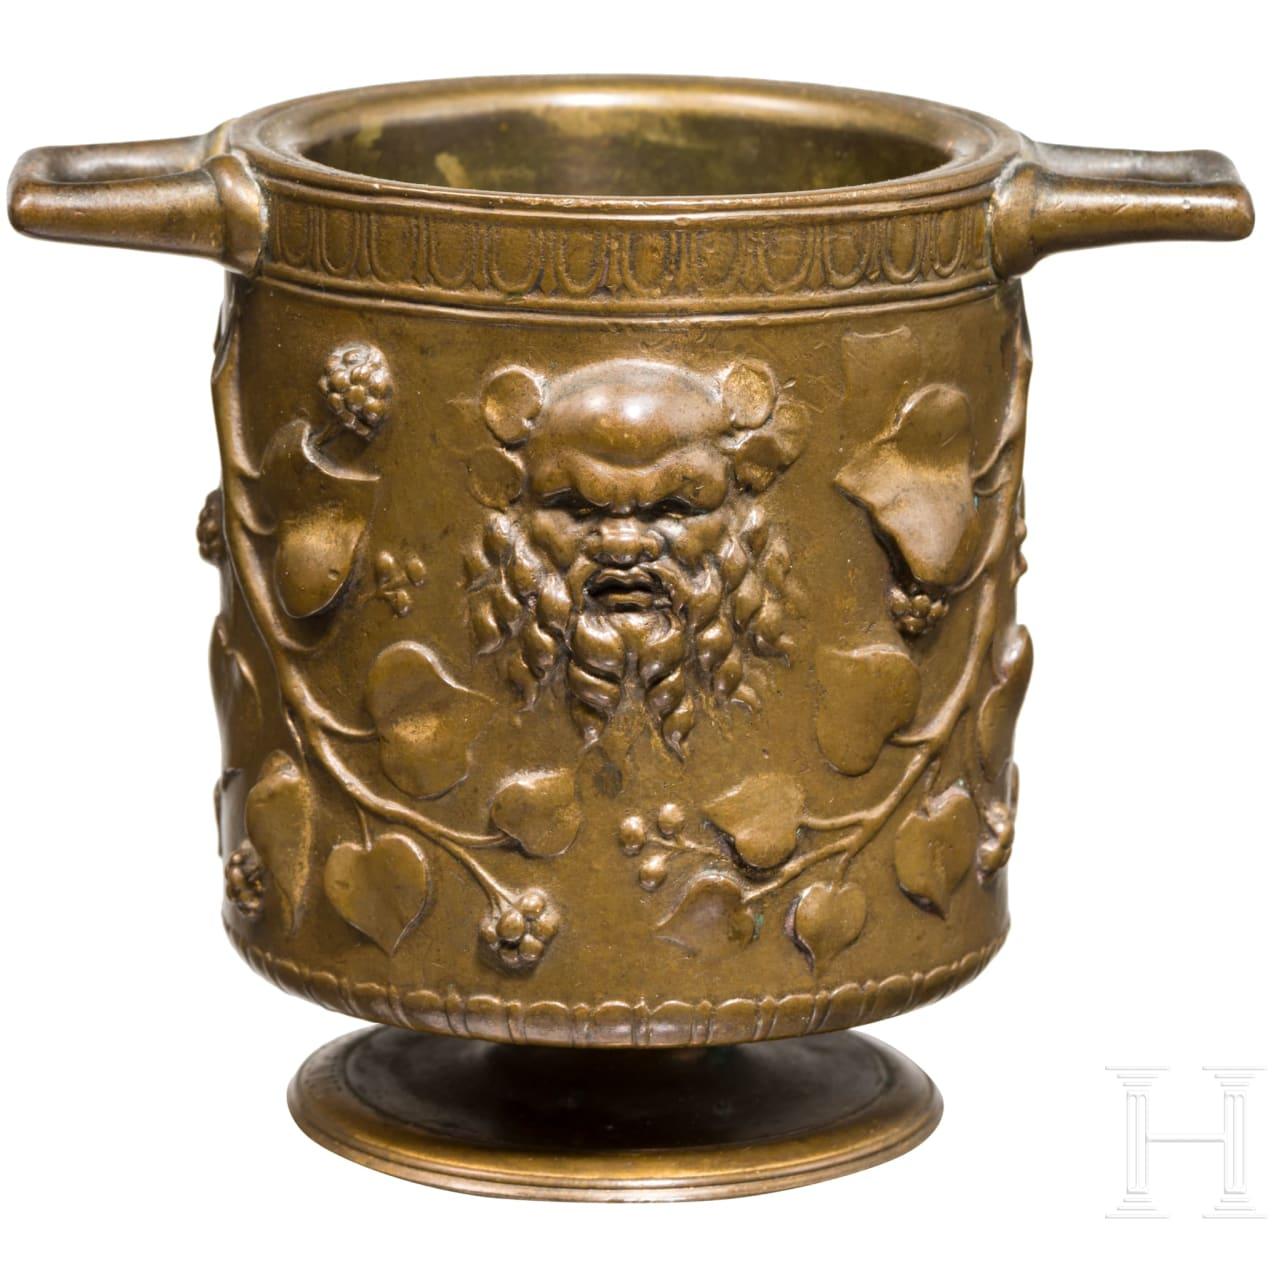 Ferdinand Barbedienne - kleine Bronzevase im antiken Stil, Paris, 19. Jhdt.